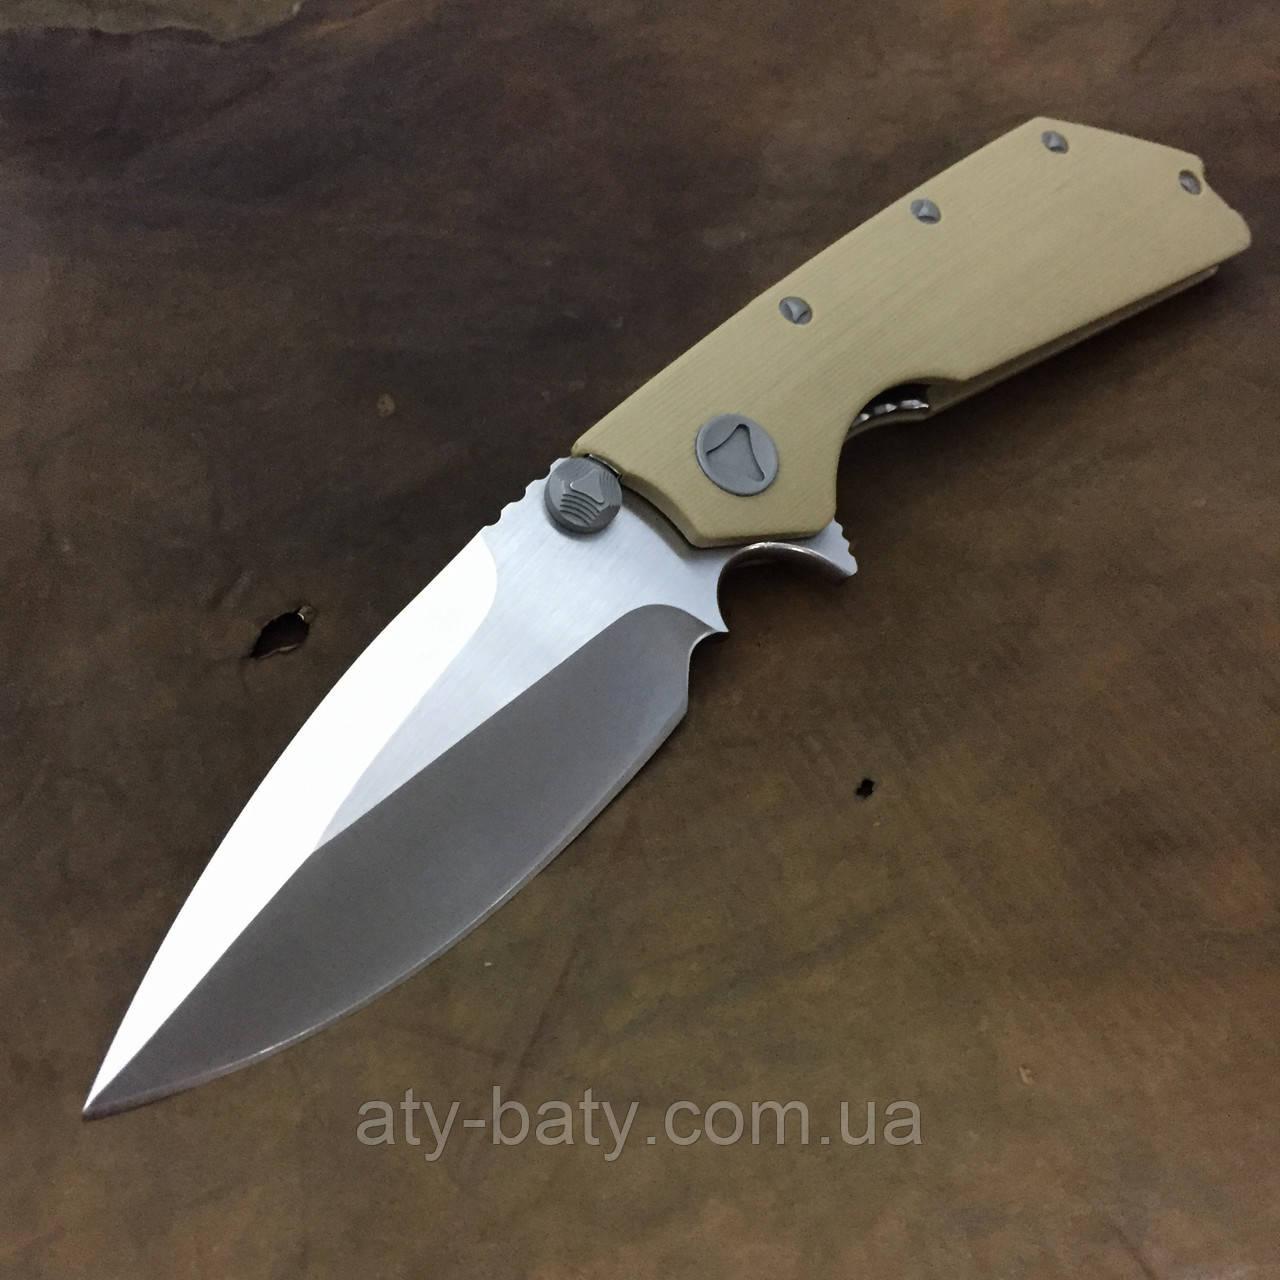 Нож Microtech Marfione Custom DOC (Реплика)., фото 1